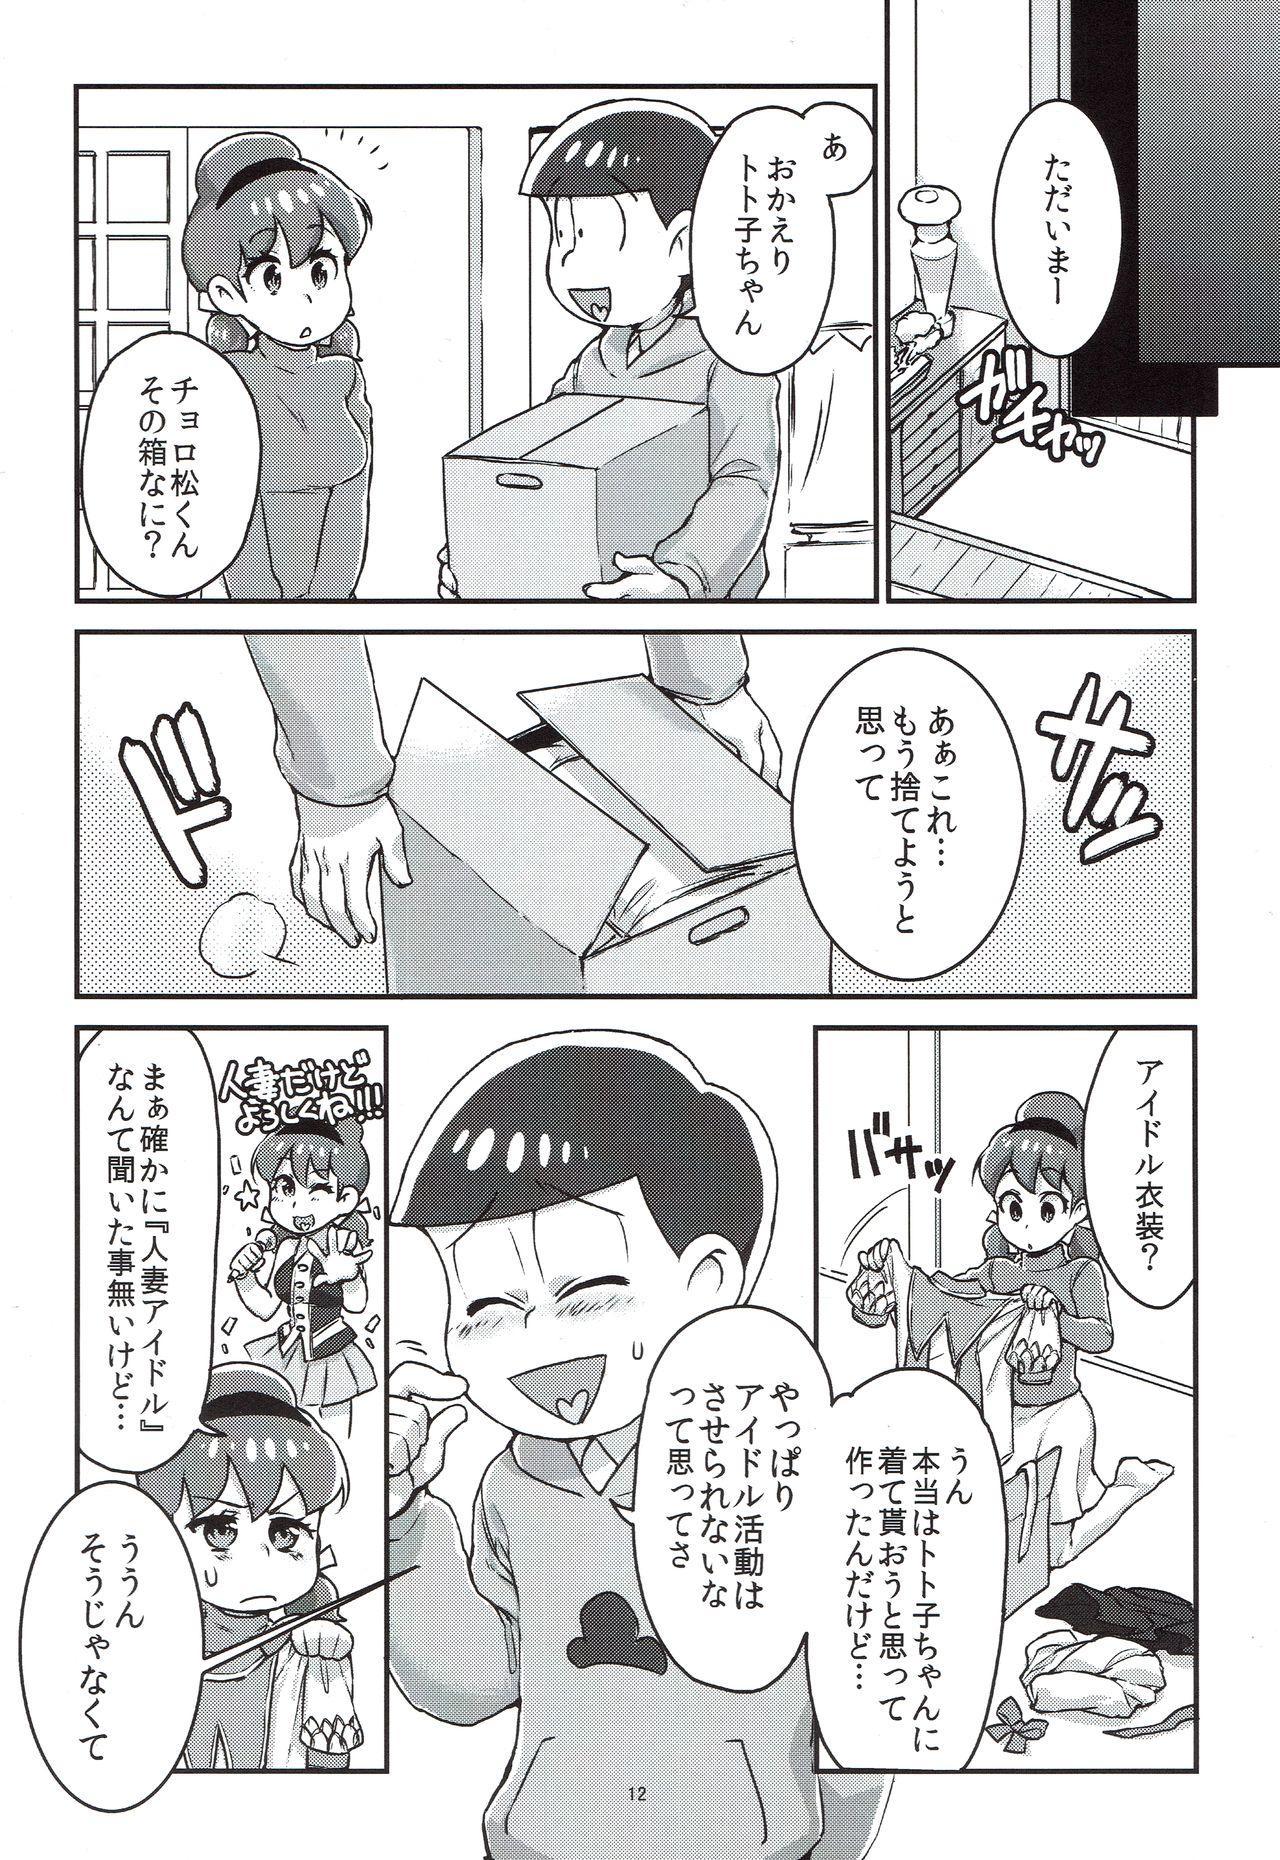 Mutsugo to Totoko-chan no Juukon Seikatsu 12